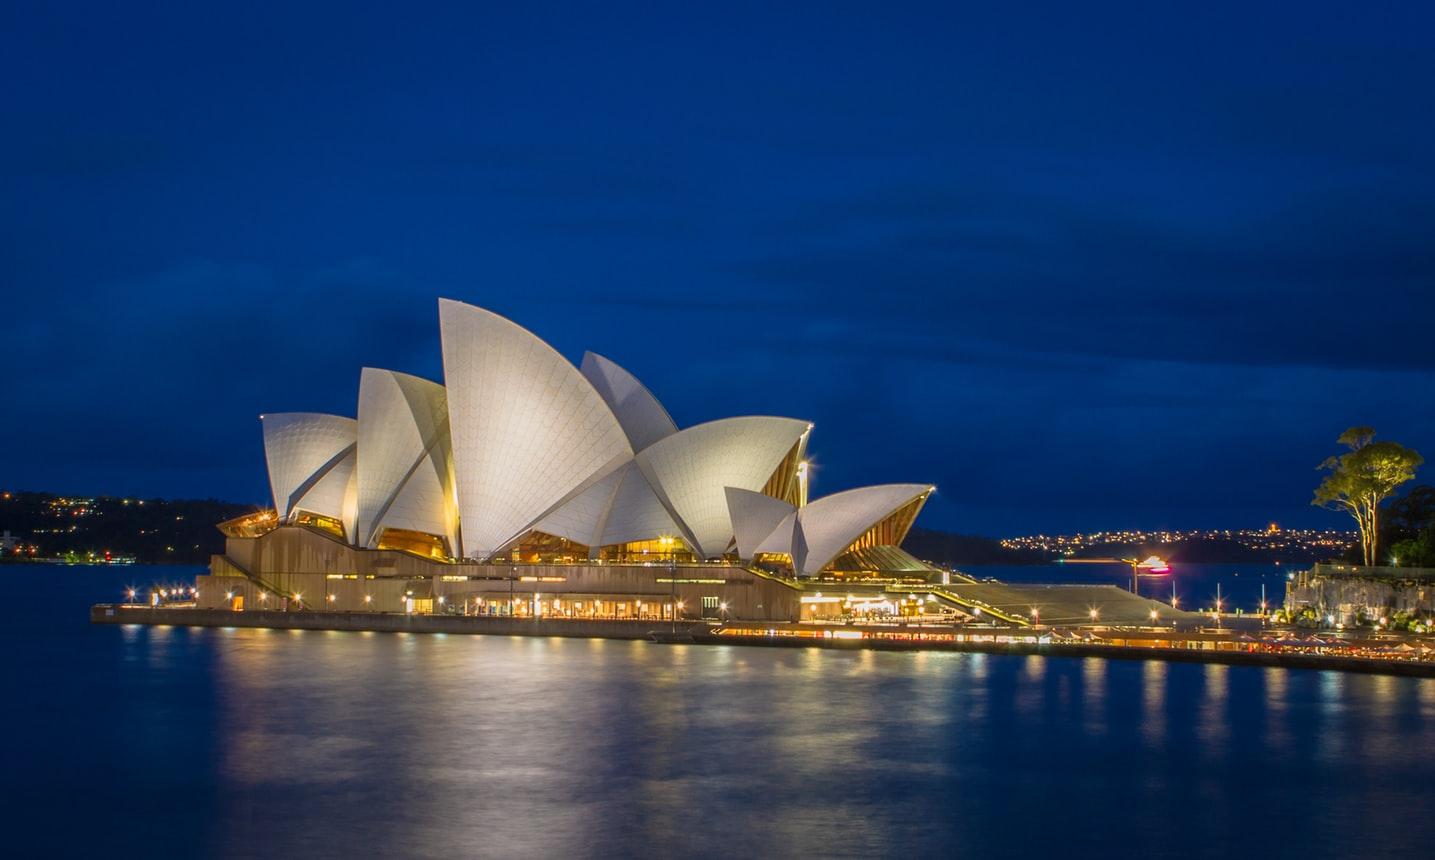 澳洲签证比较注重哪些方面